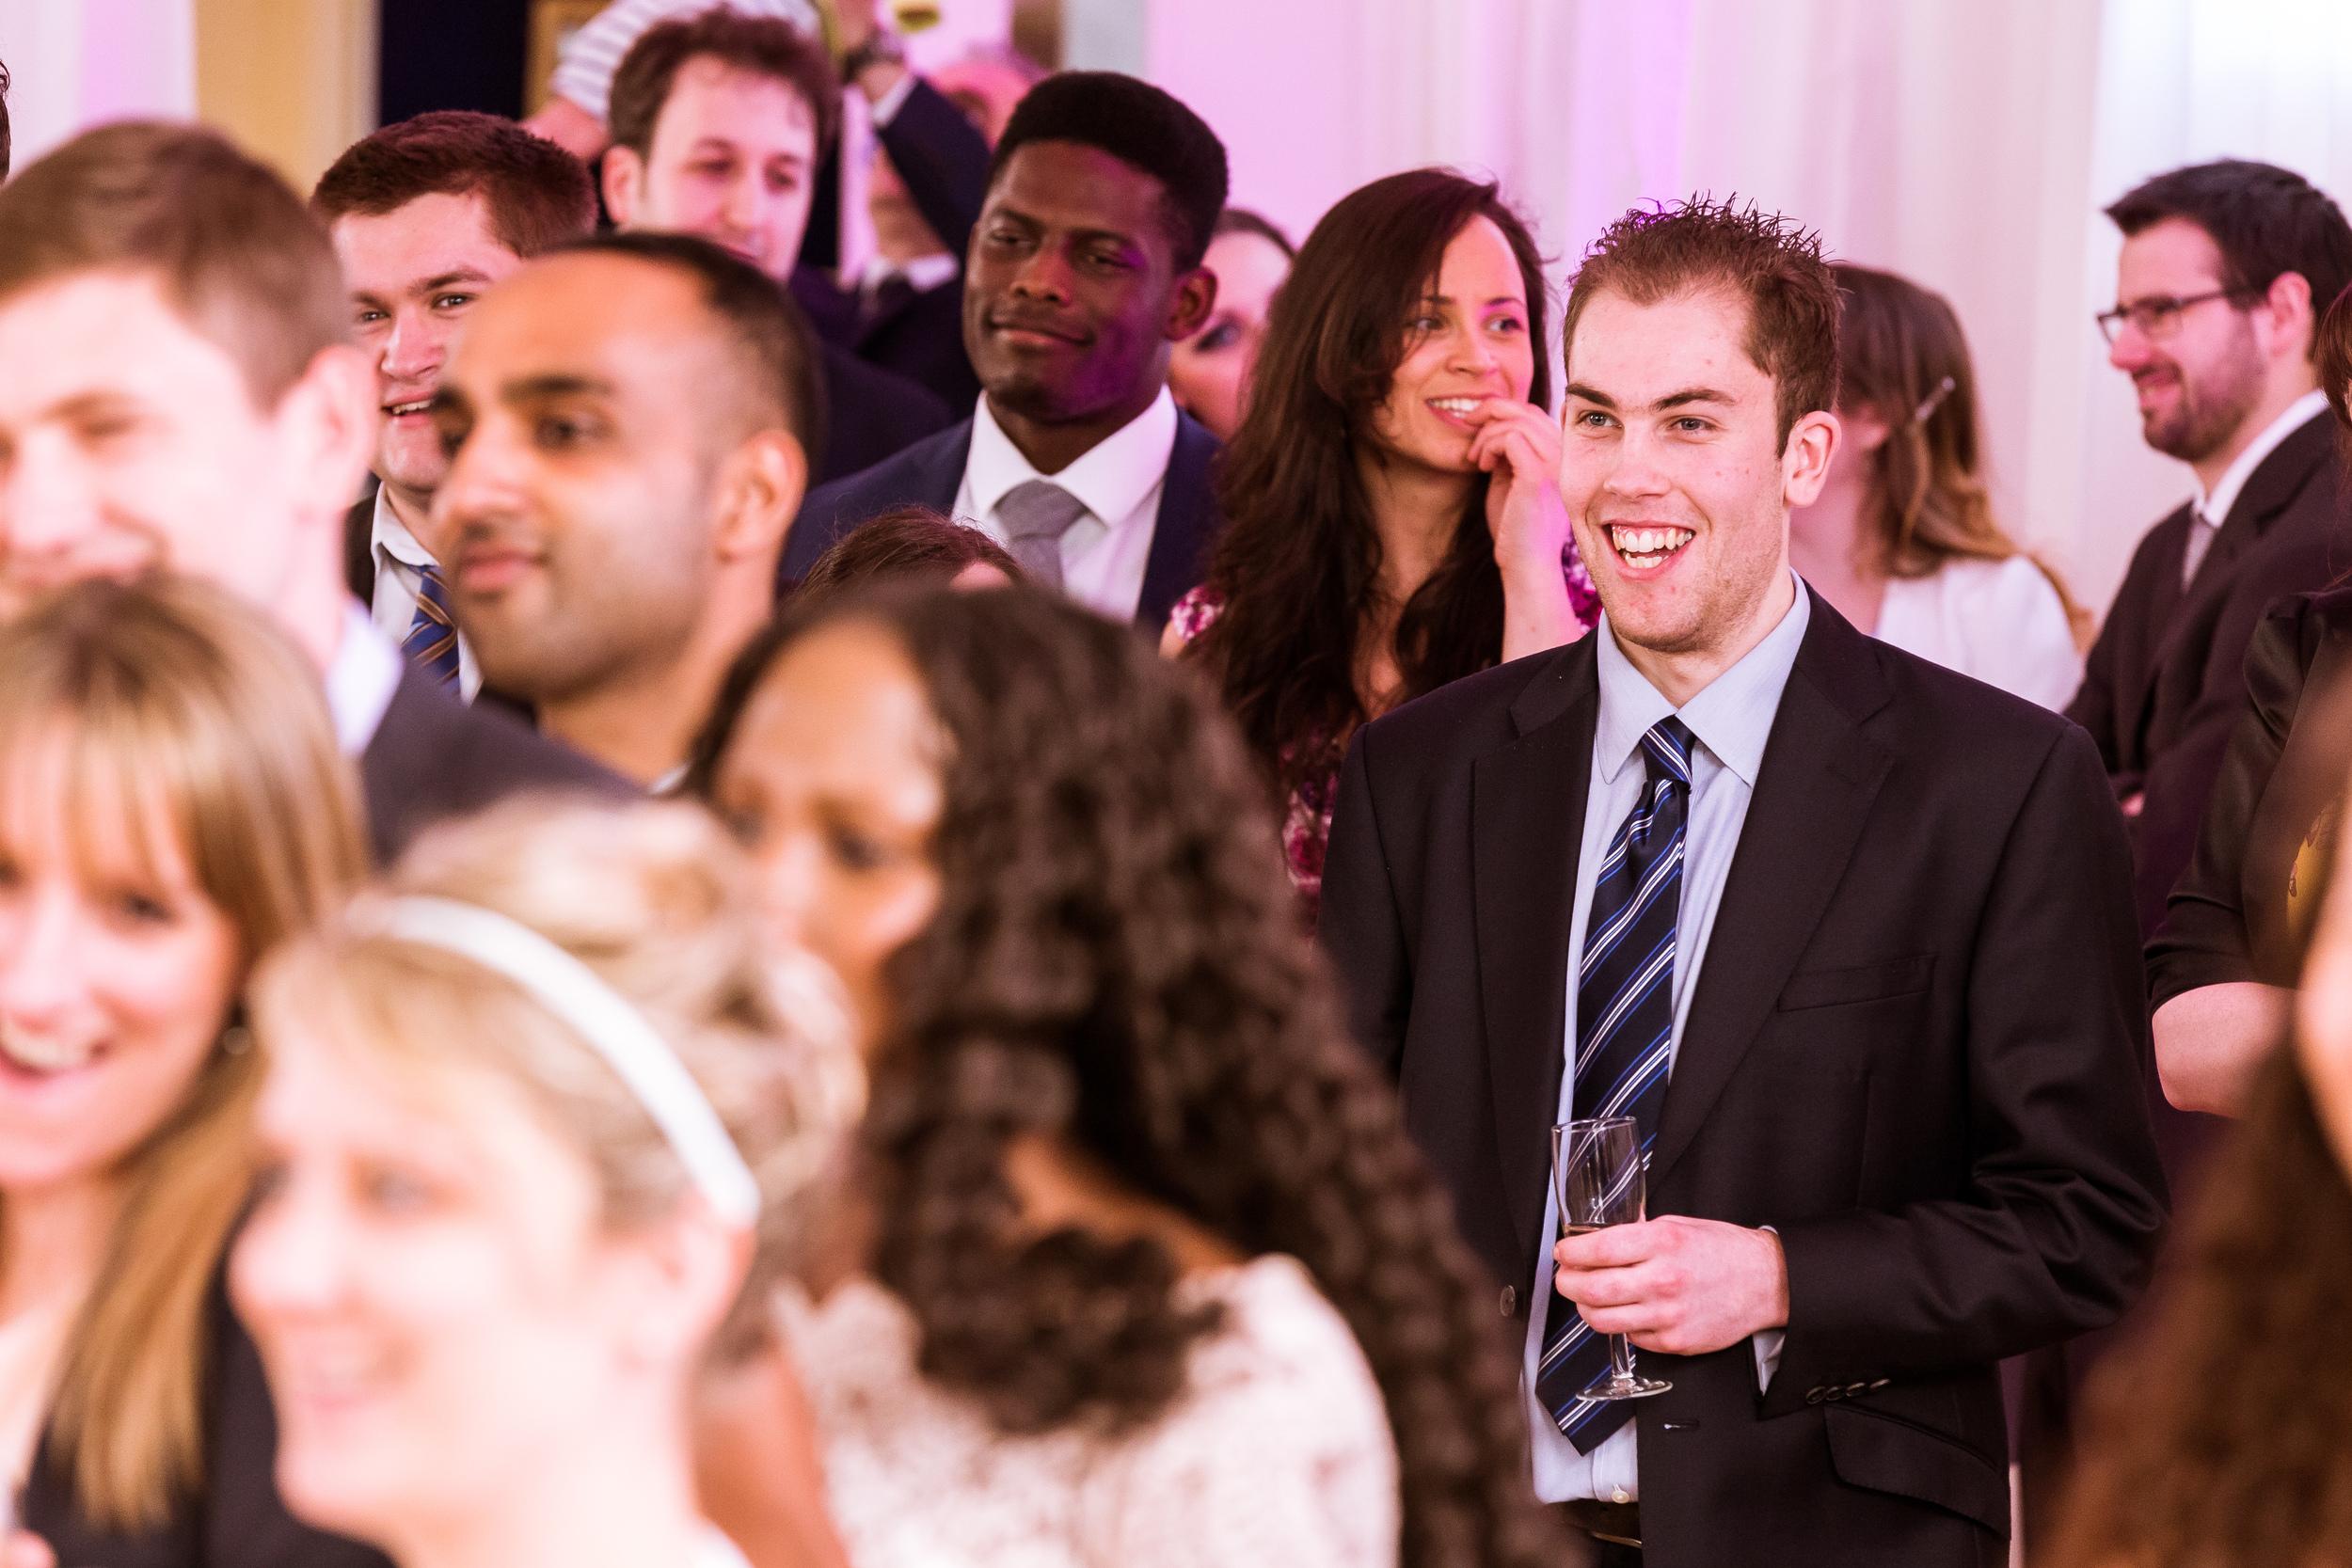 guest reactions to a wedding speech